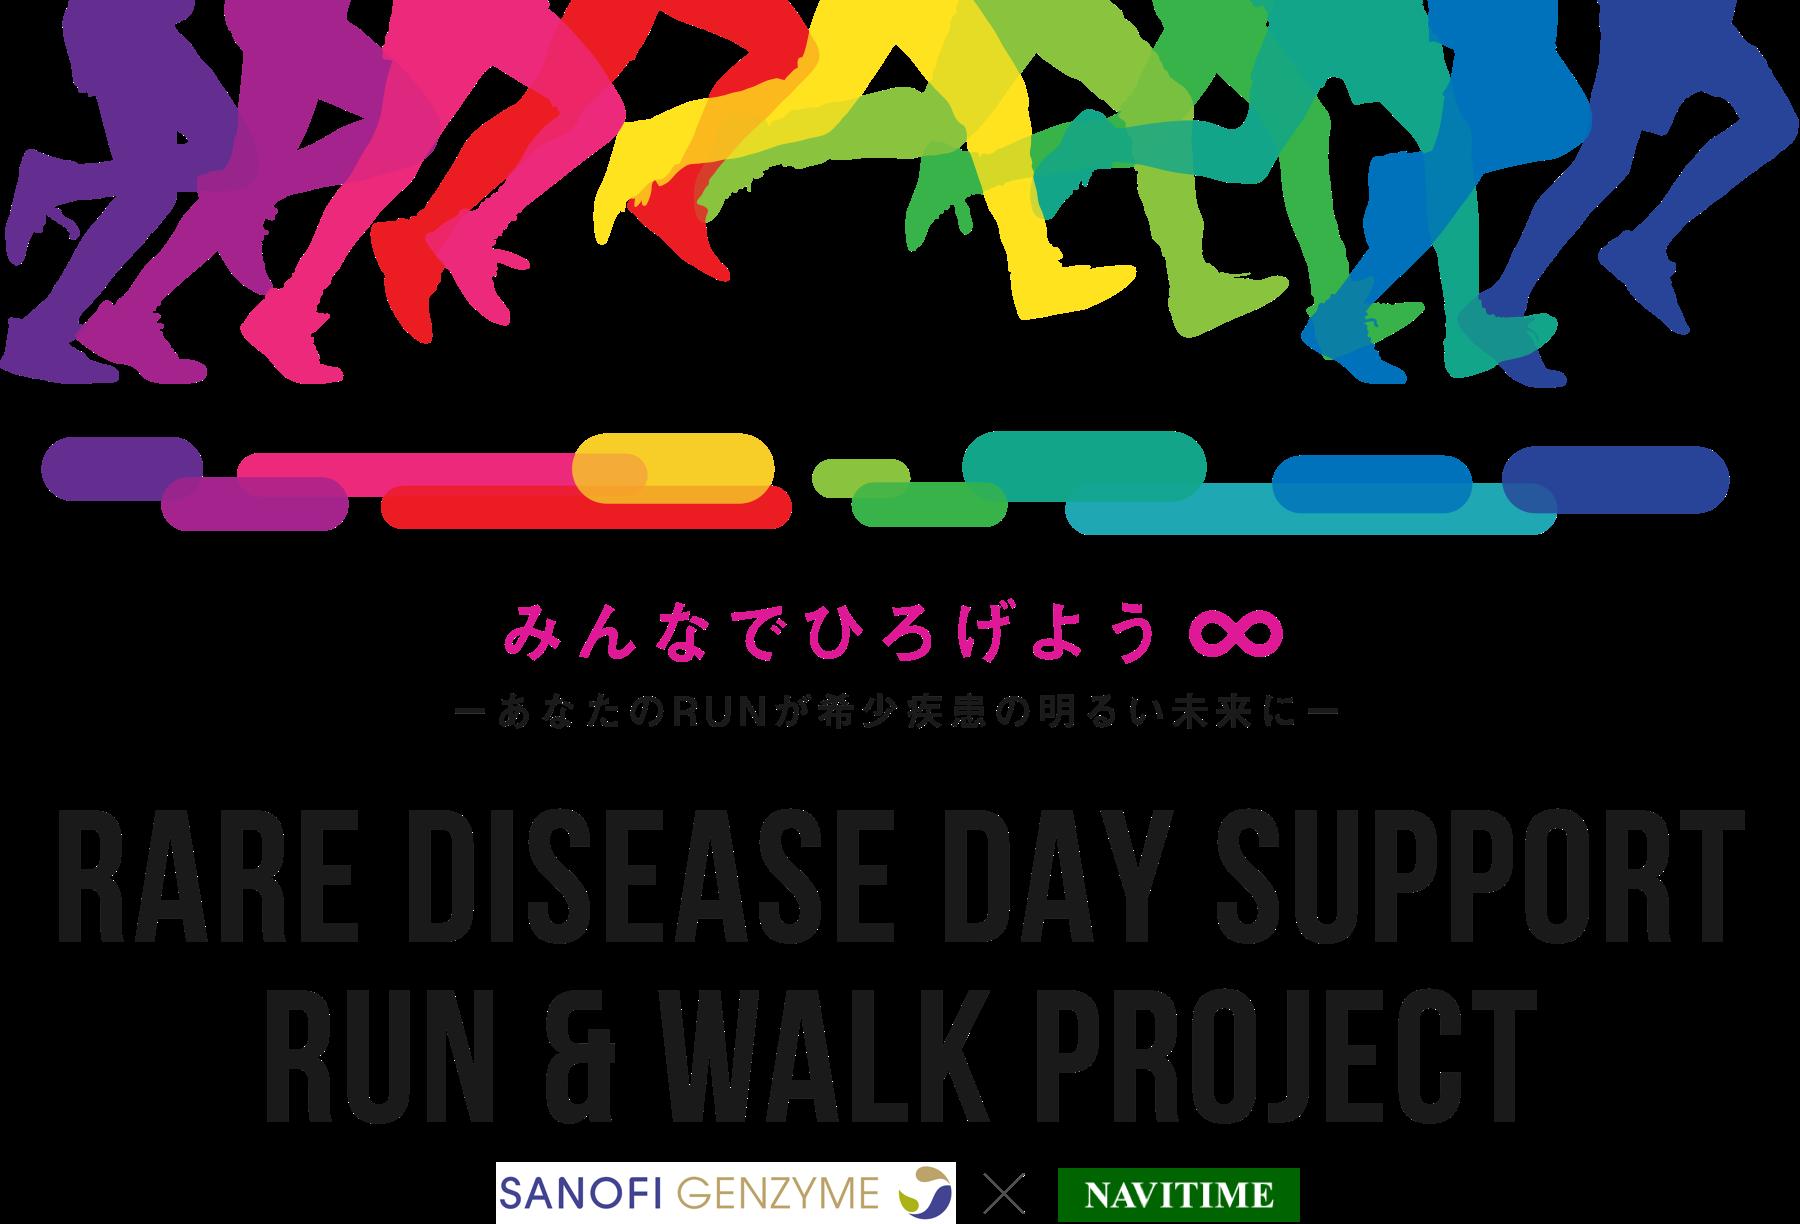 みんなで広げよう あなたのRUNが希少疾患の明るい未来に[RDD SUPPORT RUN & WALK PROJECT]SANOFI GENZYME x NAVITIME